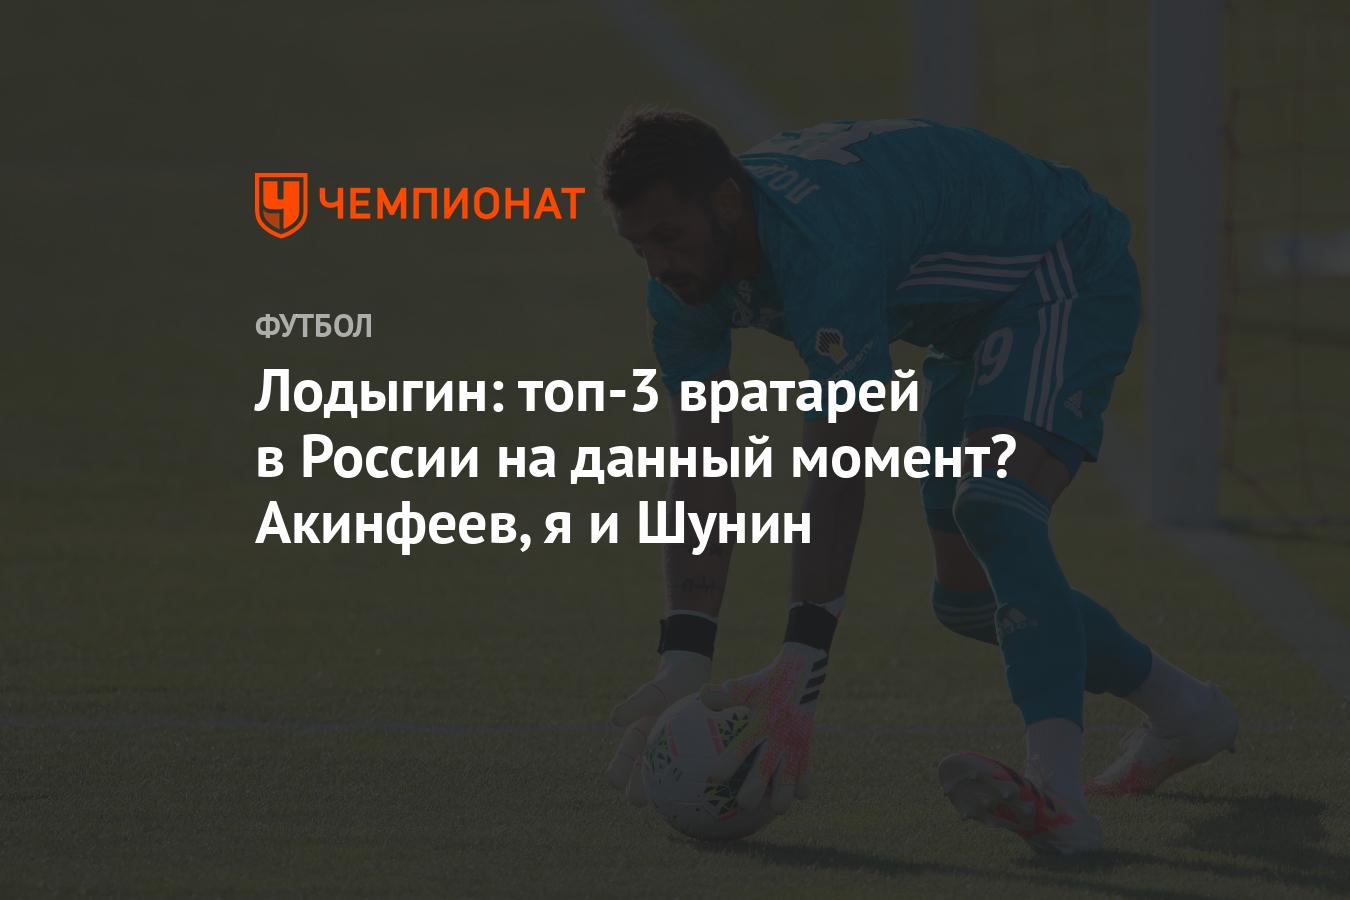 Лодыгин: топ-3 вратаря России на данный момент? Акинфеев, я и Шунин